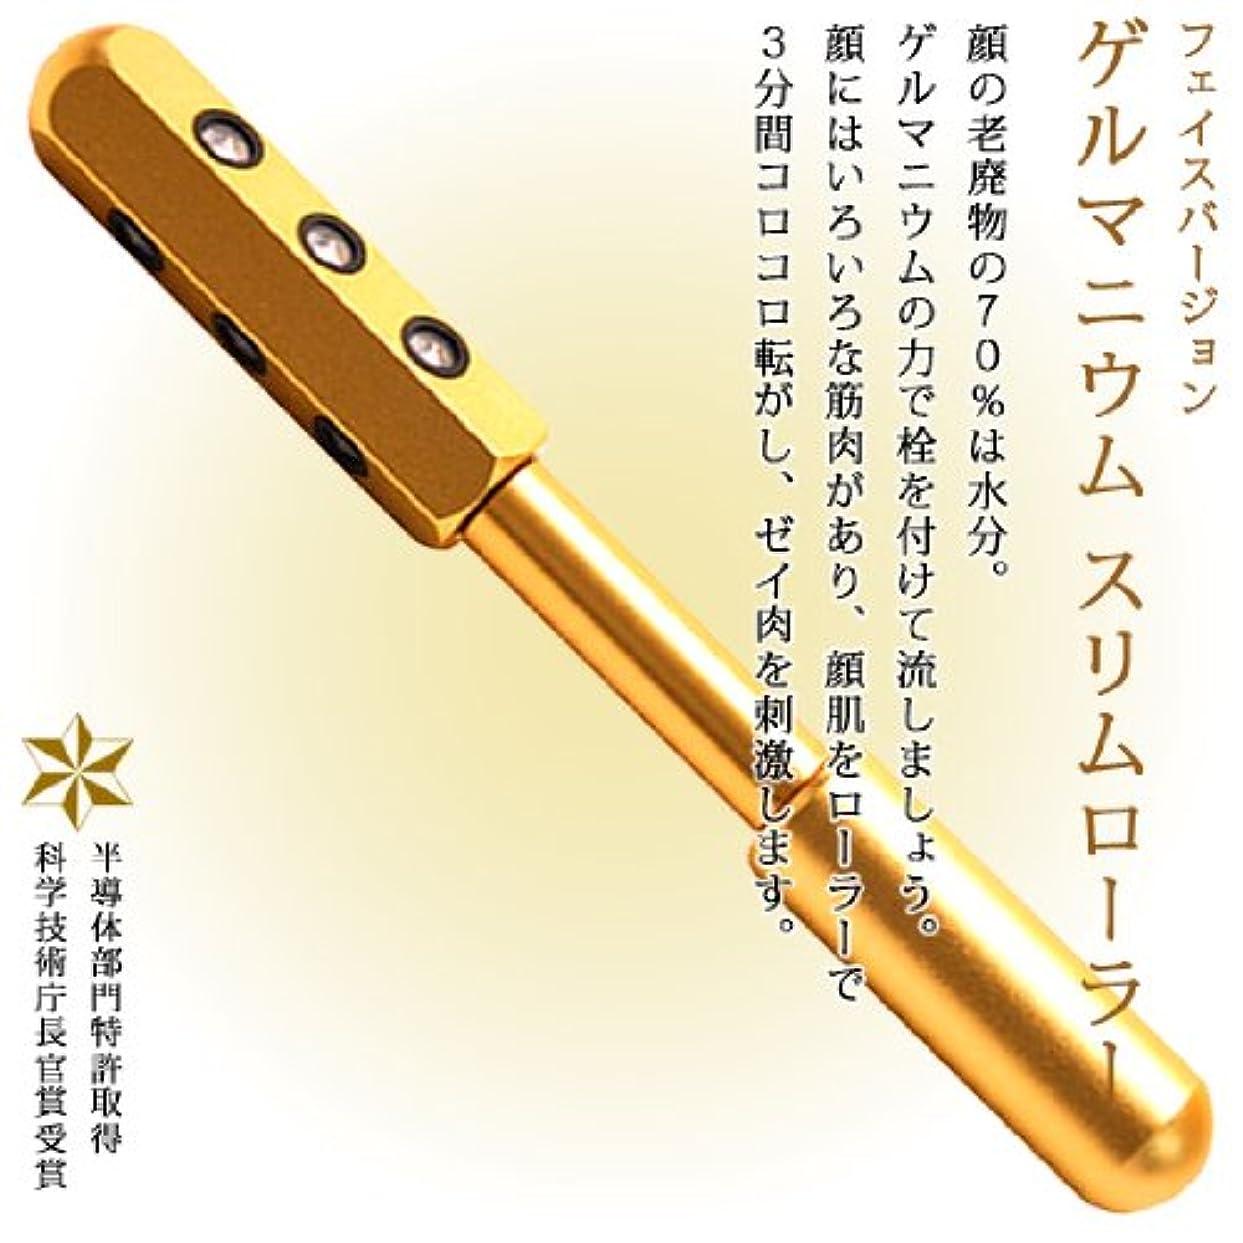 甘やかす滝ブランドゲルマニウムスリムローラー フェイスバージョン 【ゴールド】